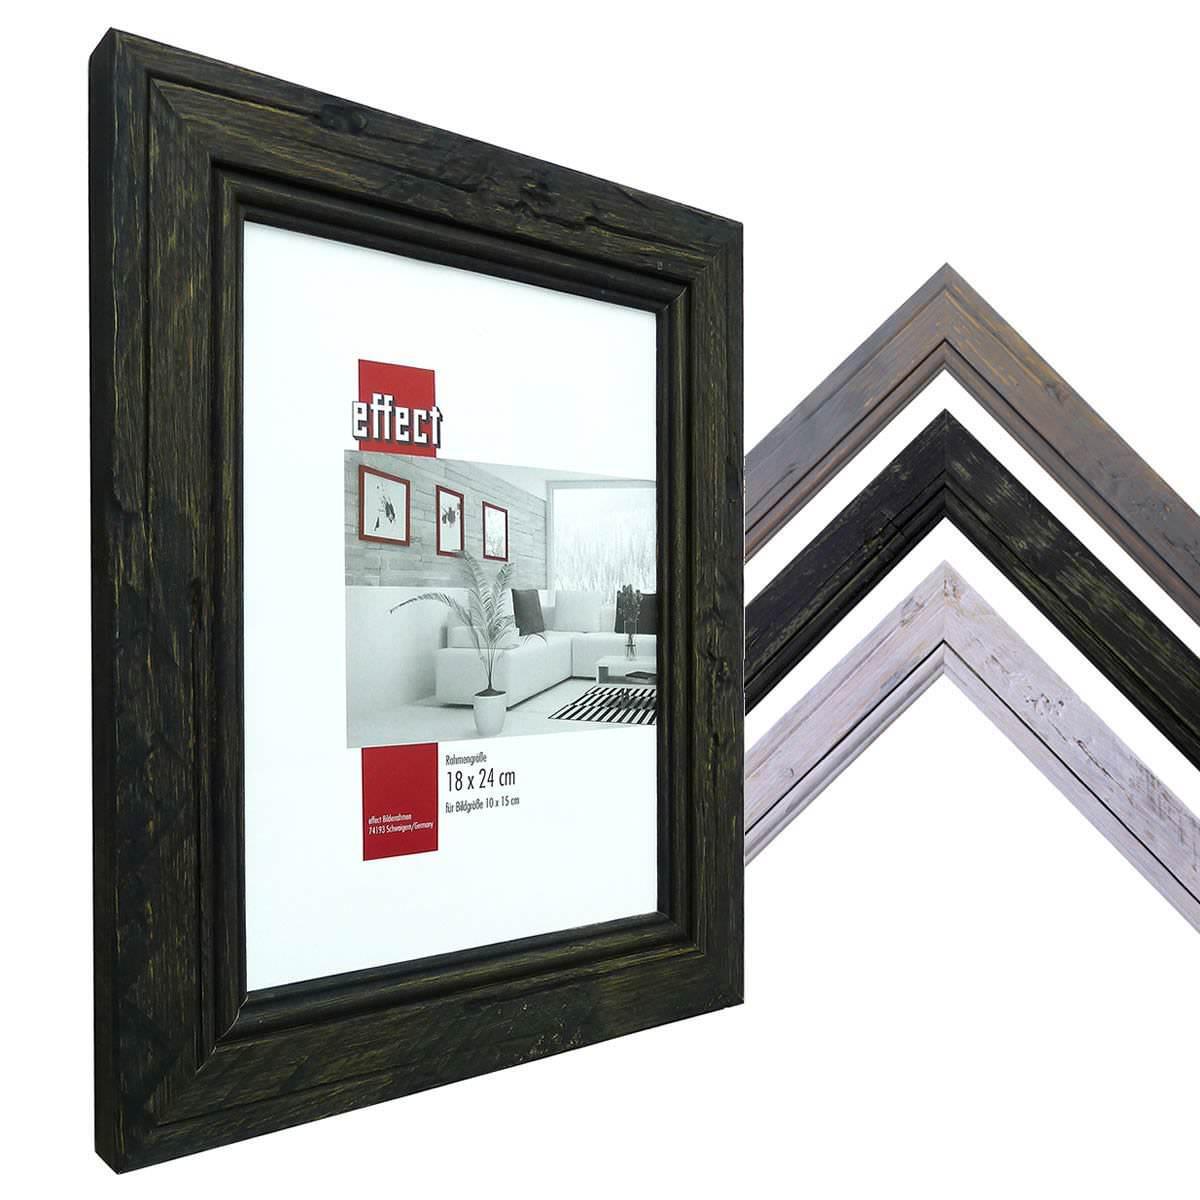 bilderrahmen naturfarben holz bilderrahmen bilderrahmen bilderrahmen. Black Bedroom Furniture Sets. Home Design Ideas